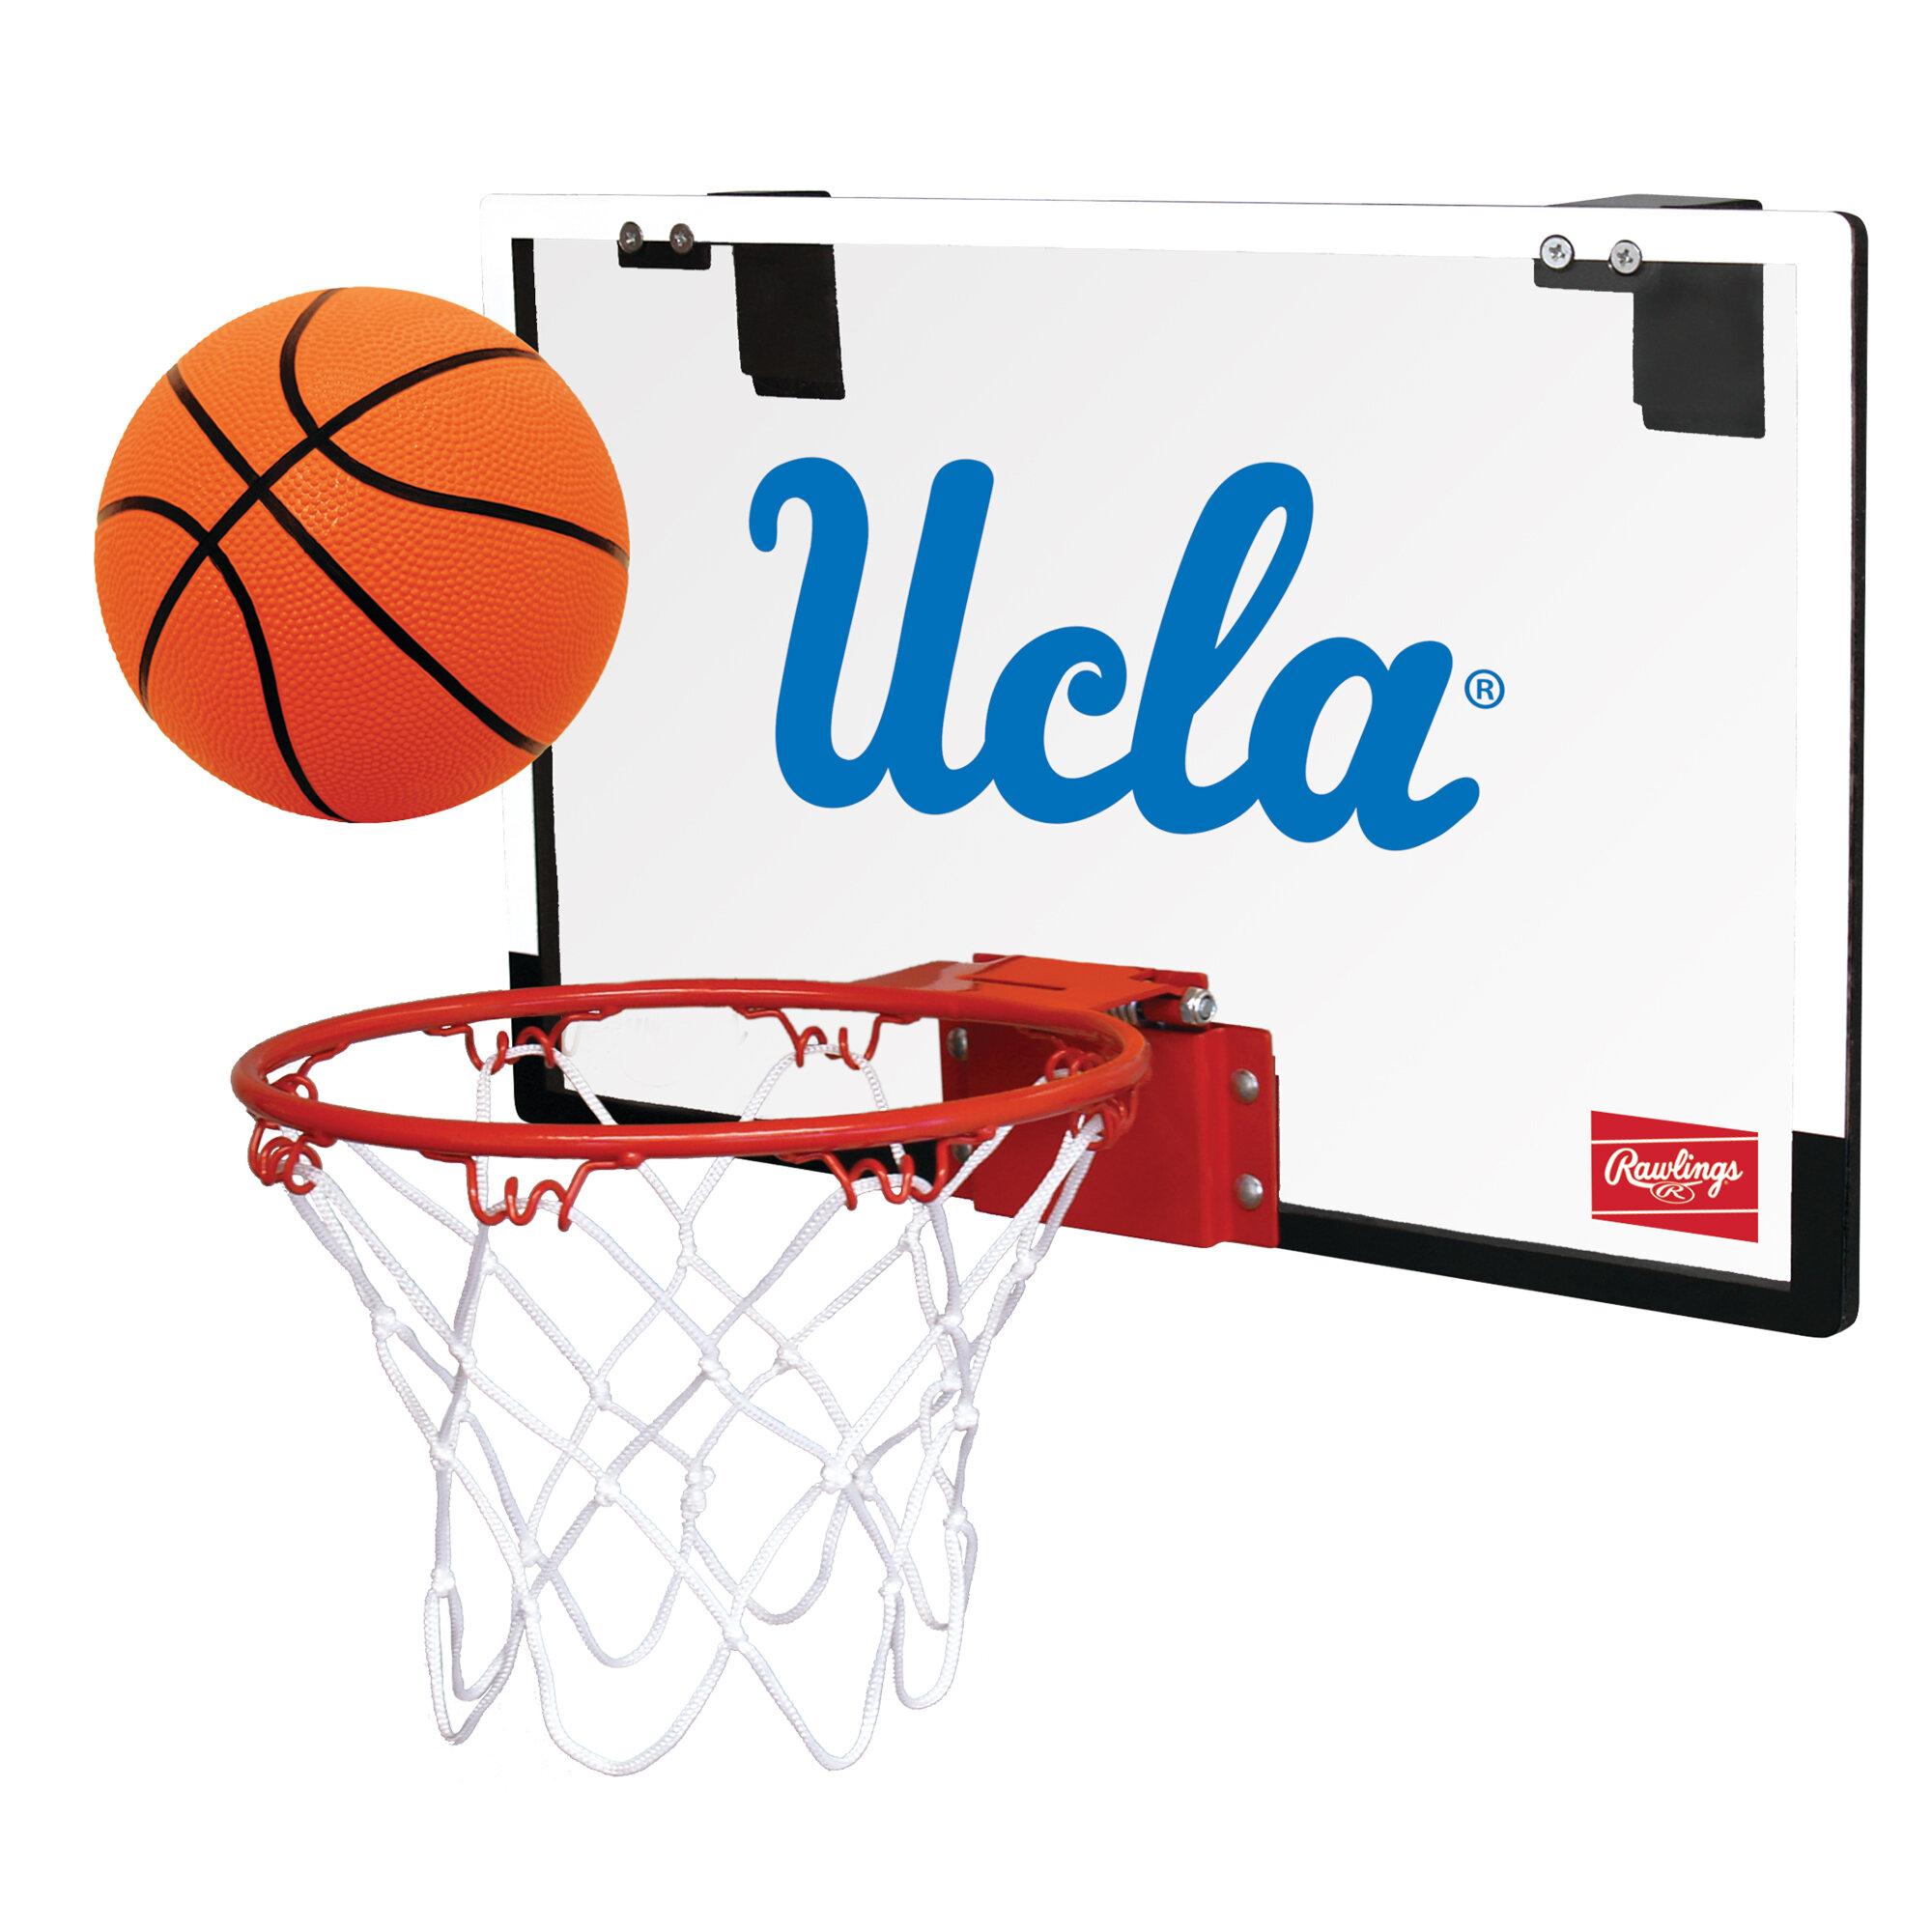 Rawlings Ncaa Game On Basketball Hoop Set Reviews Wayfair